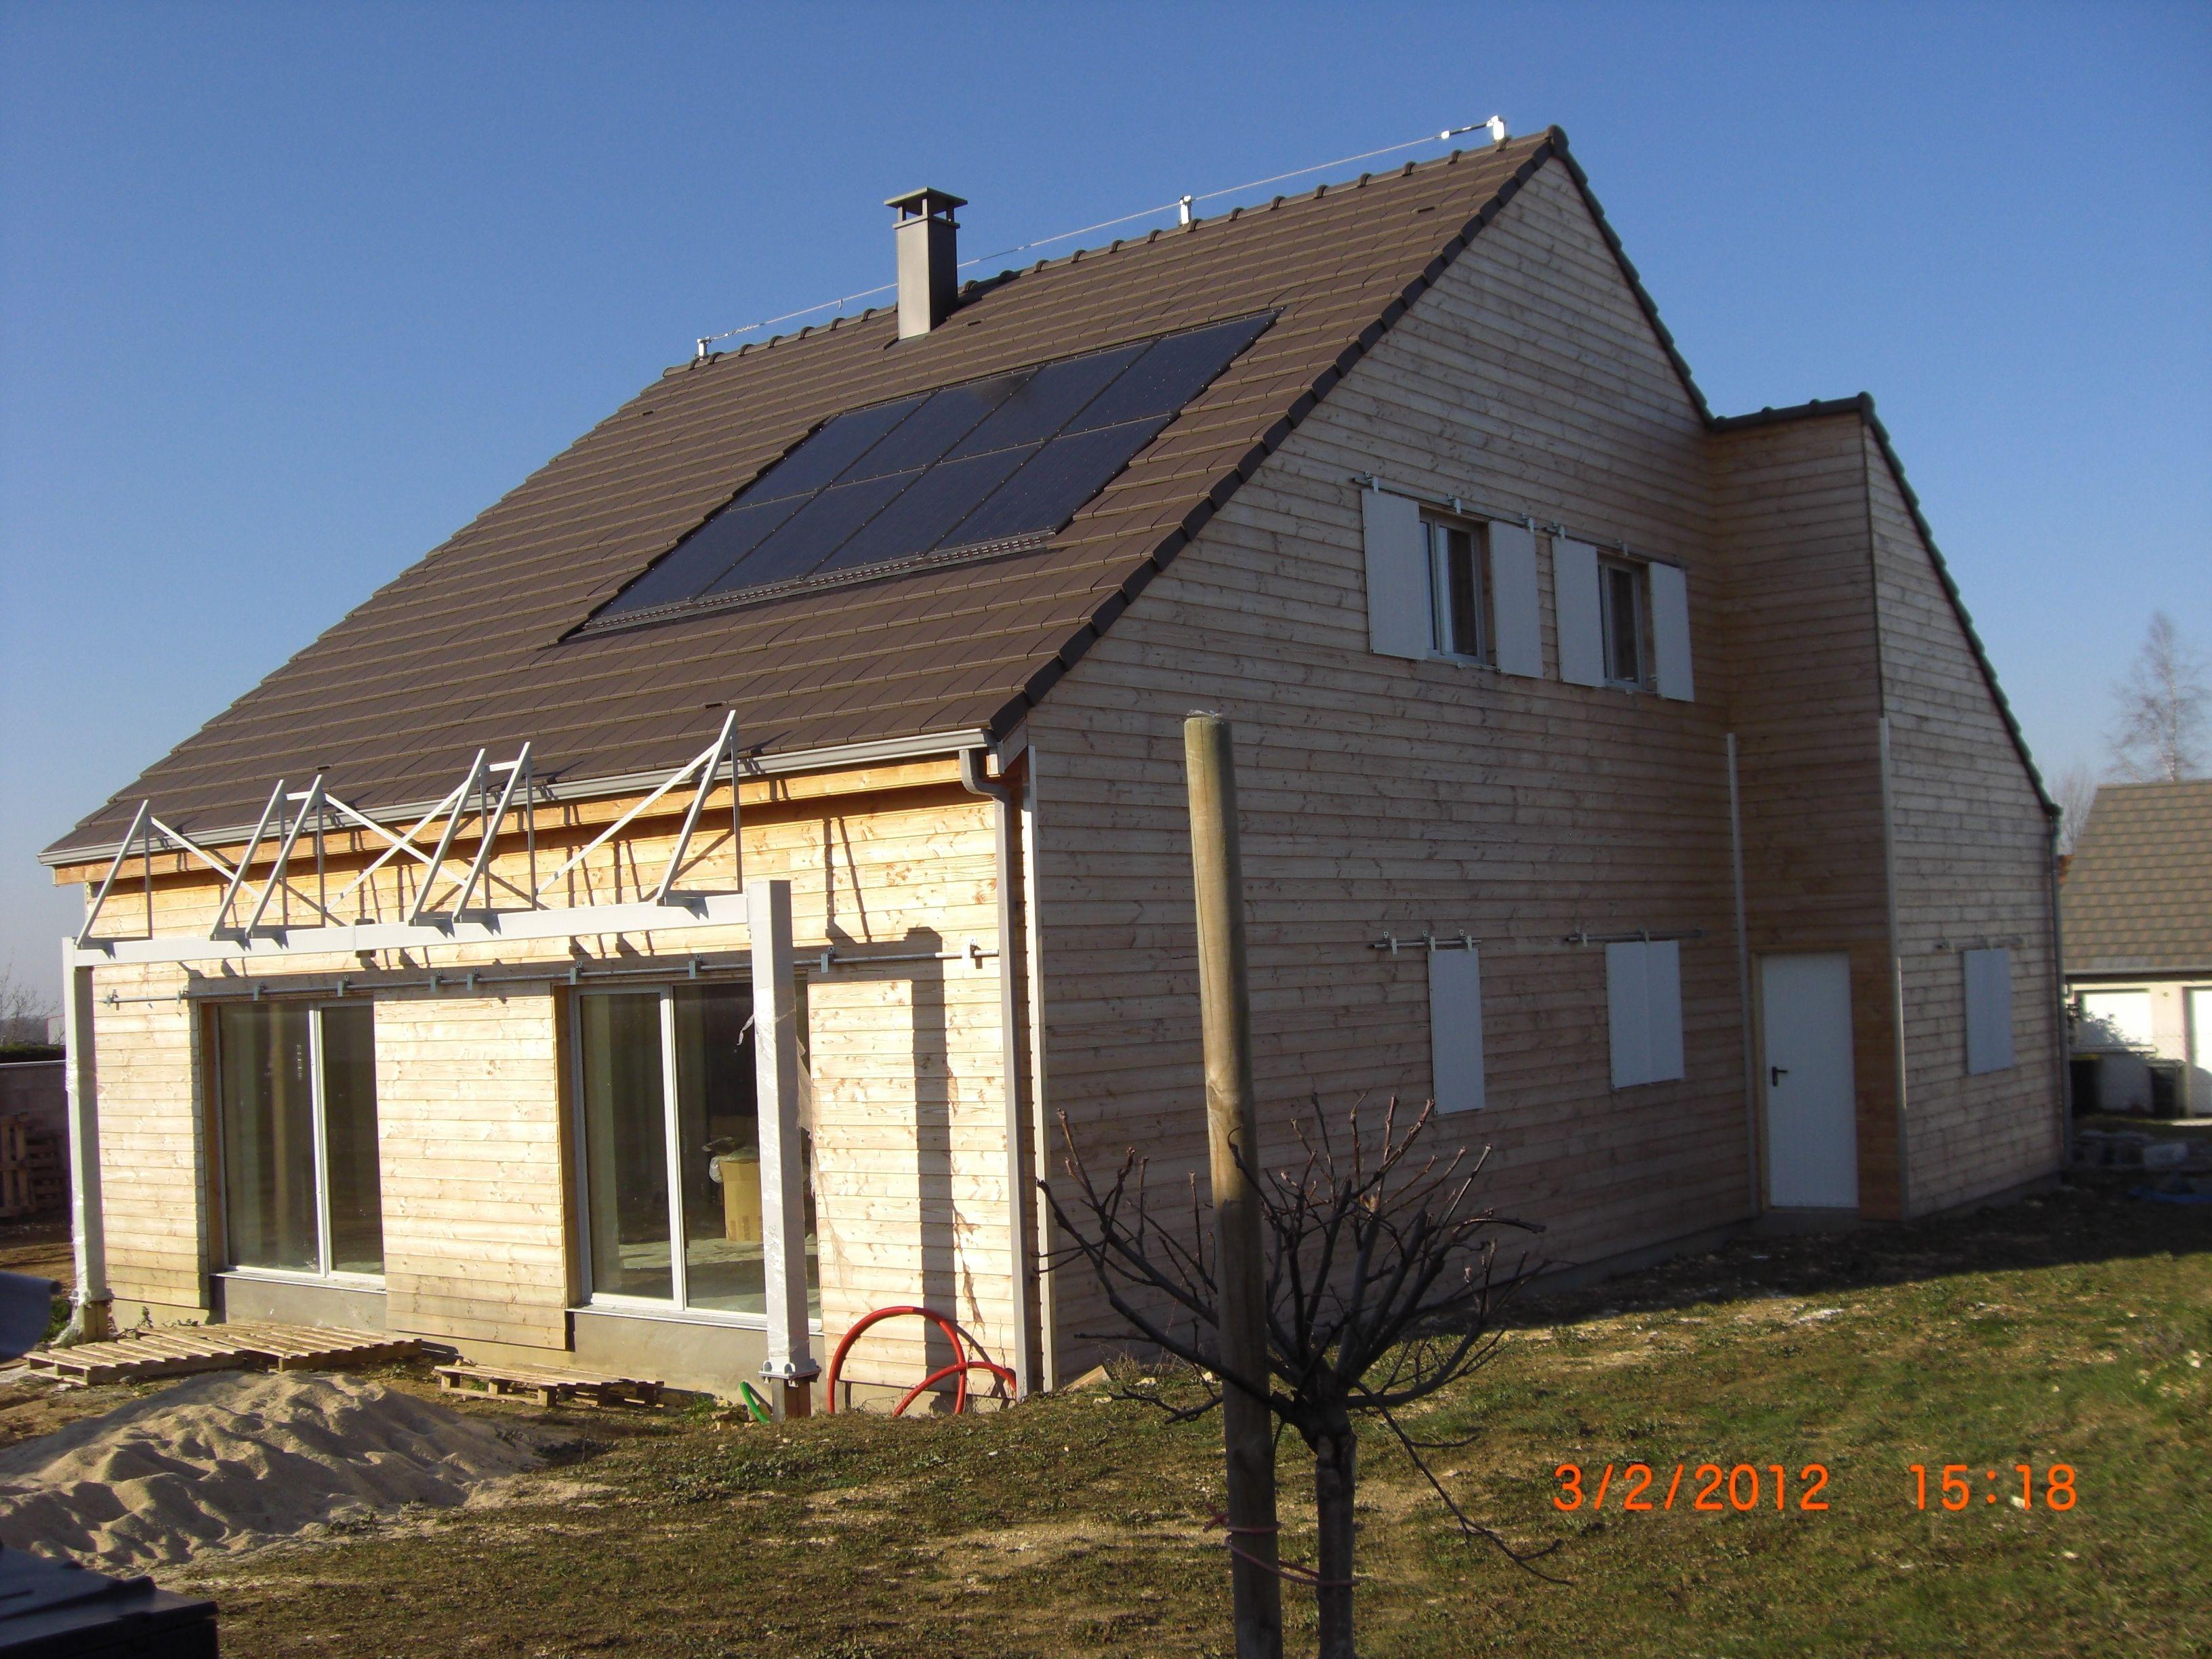 maison passive à bourges (18) – scop fiabitat concept – construction